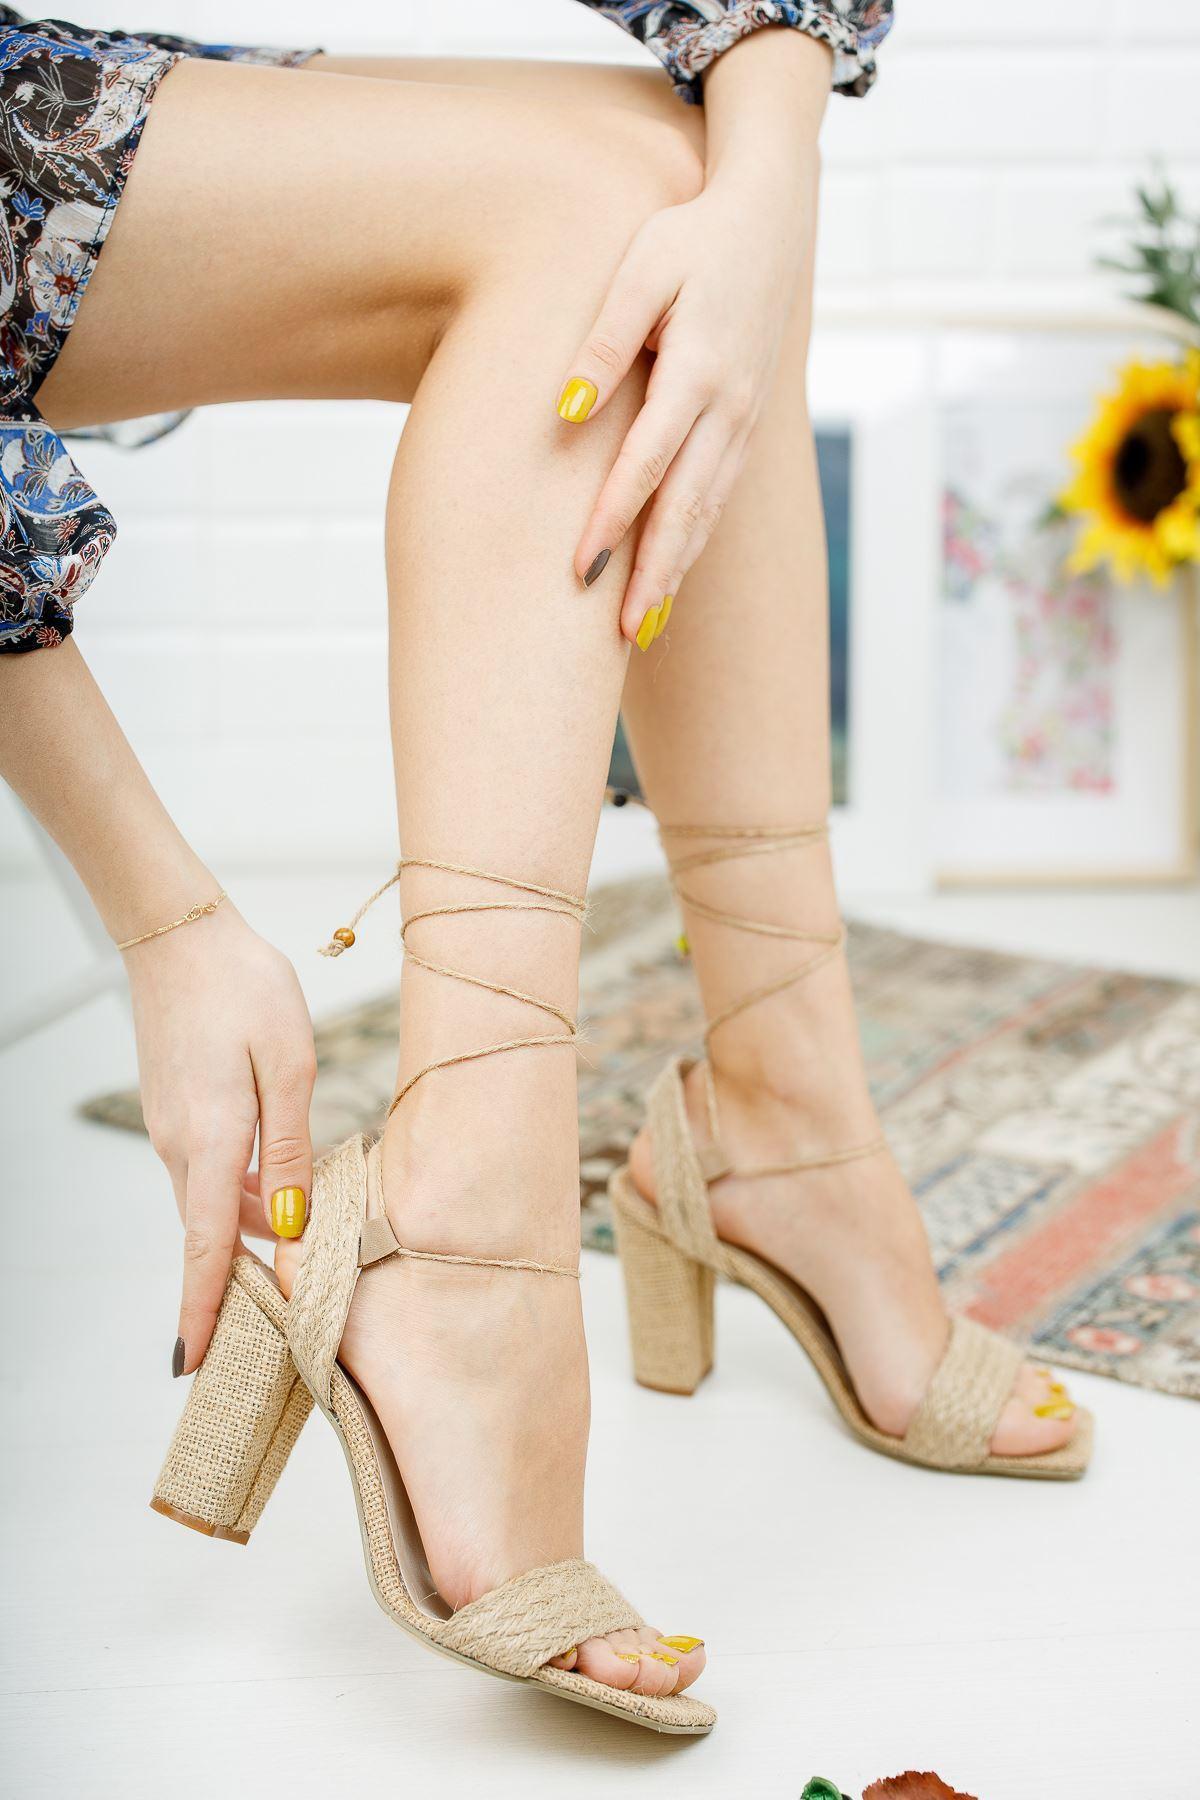 Agnes Hasır Topuklu Ayakkabı